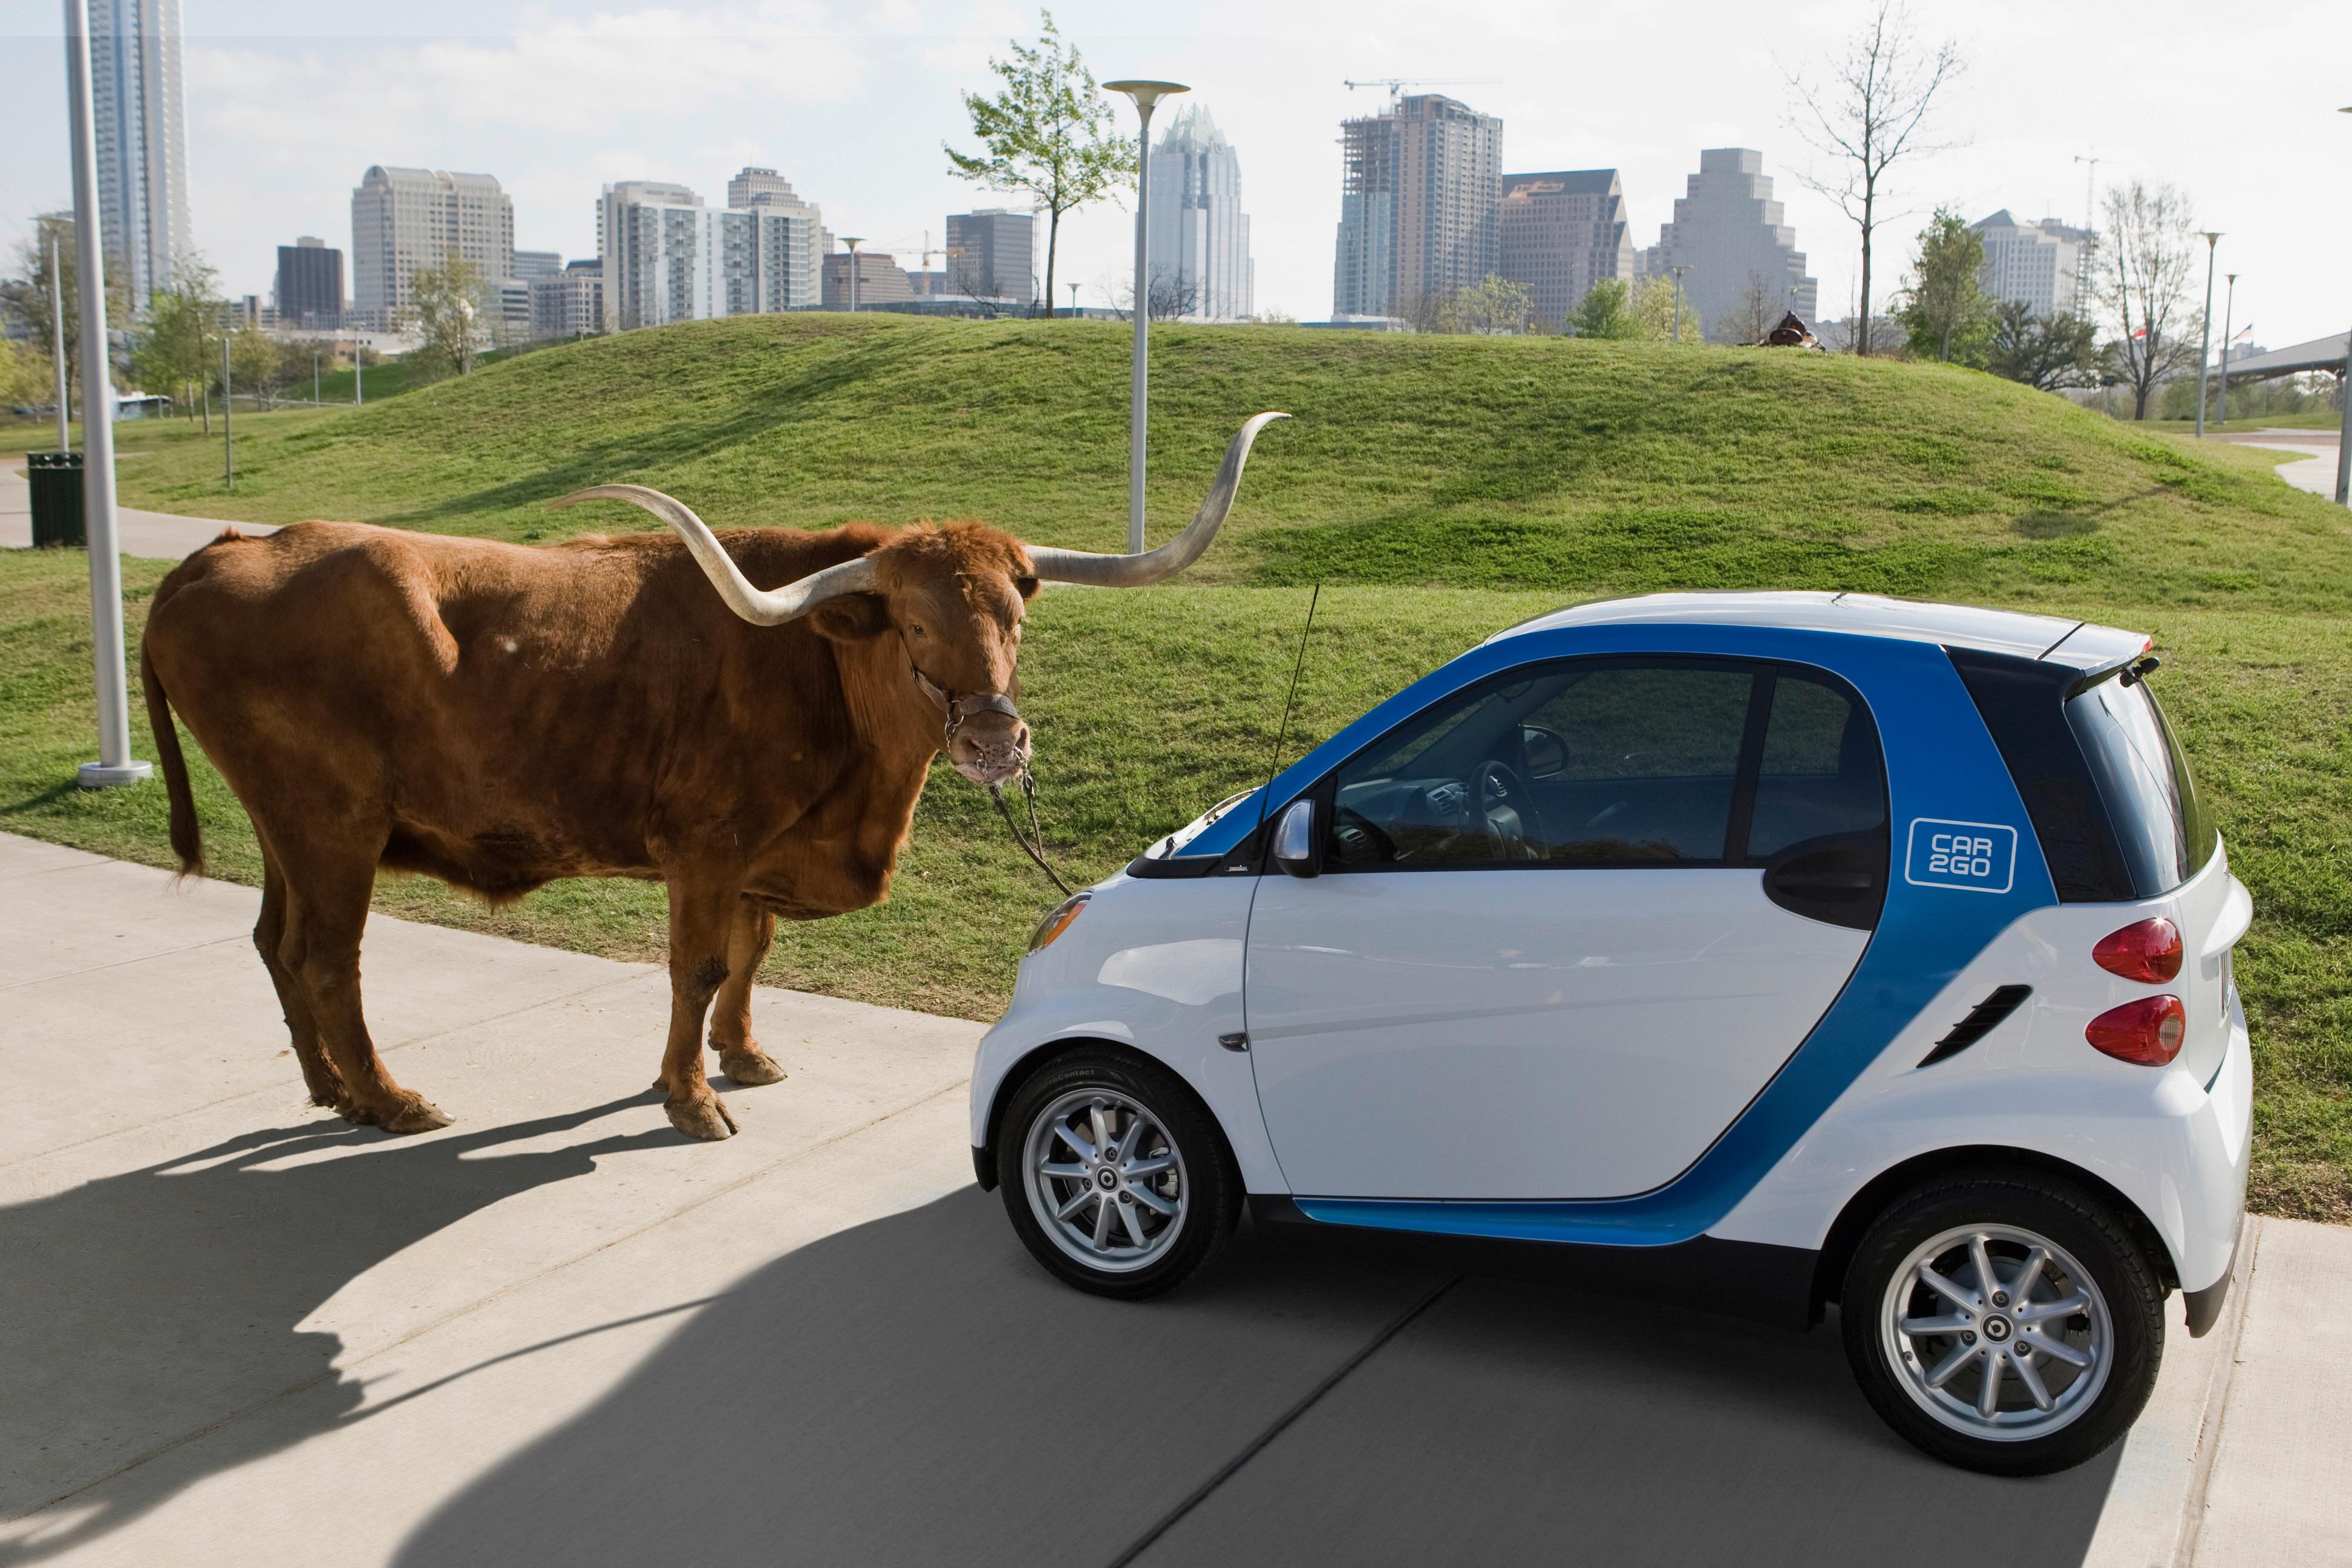 Smart car, Smart car: Future classic or dumb idea?, ClassicCars.com Journal